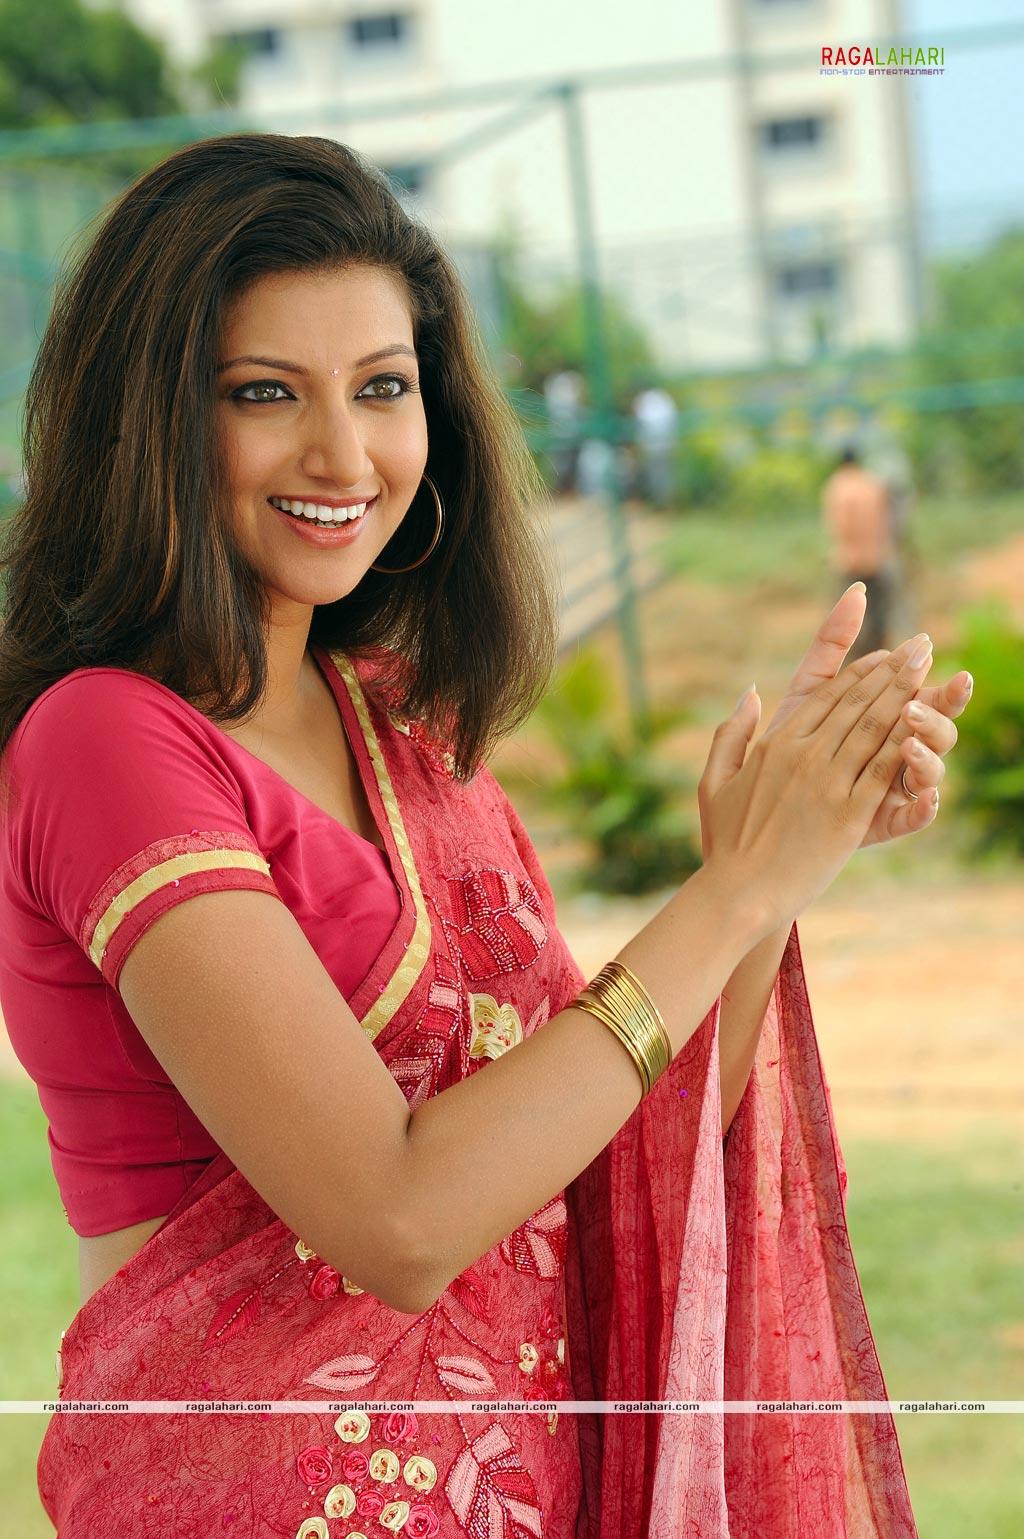 Telugu lovers sex my skype id moddatelugu09 add me - 4 2